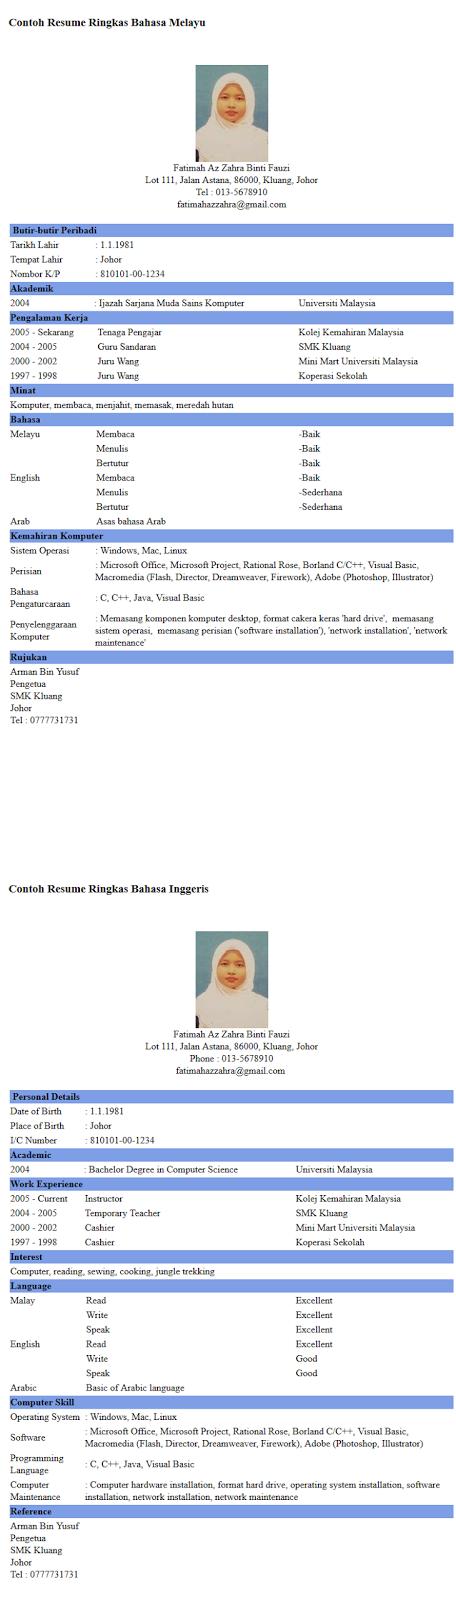 contoh resume ringkas dalam bahasa melayu dan bahasa inggeris